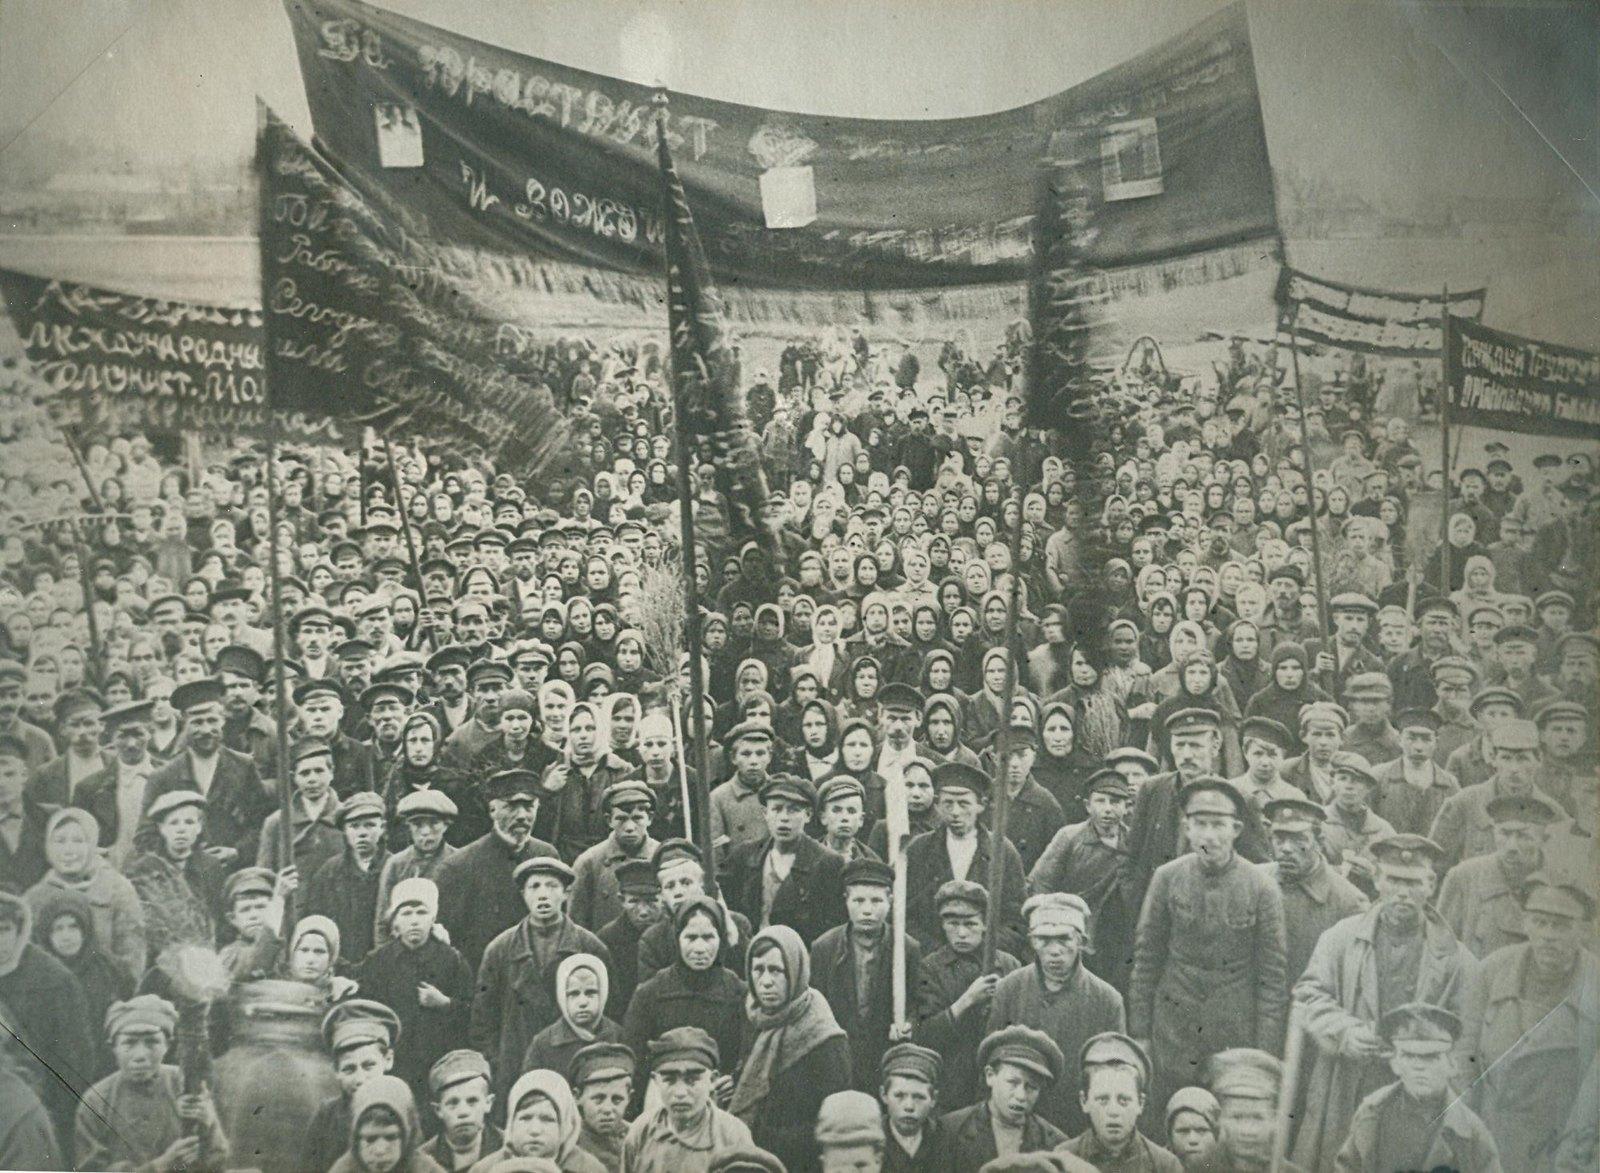 1920. Первомайский субботник. Демонстрация после субботника. Павлов